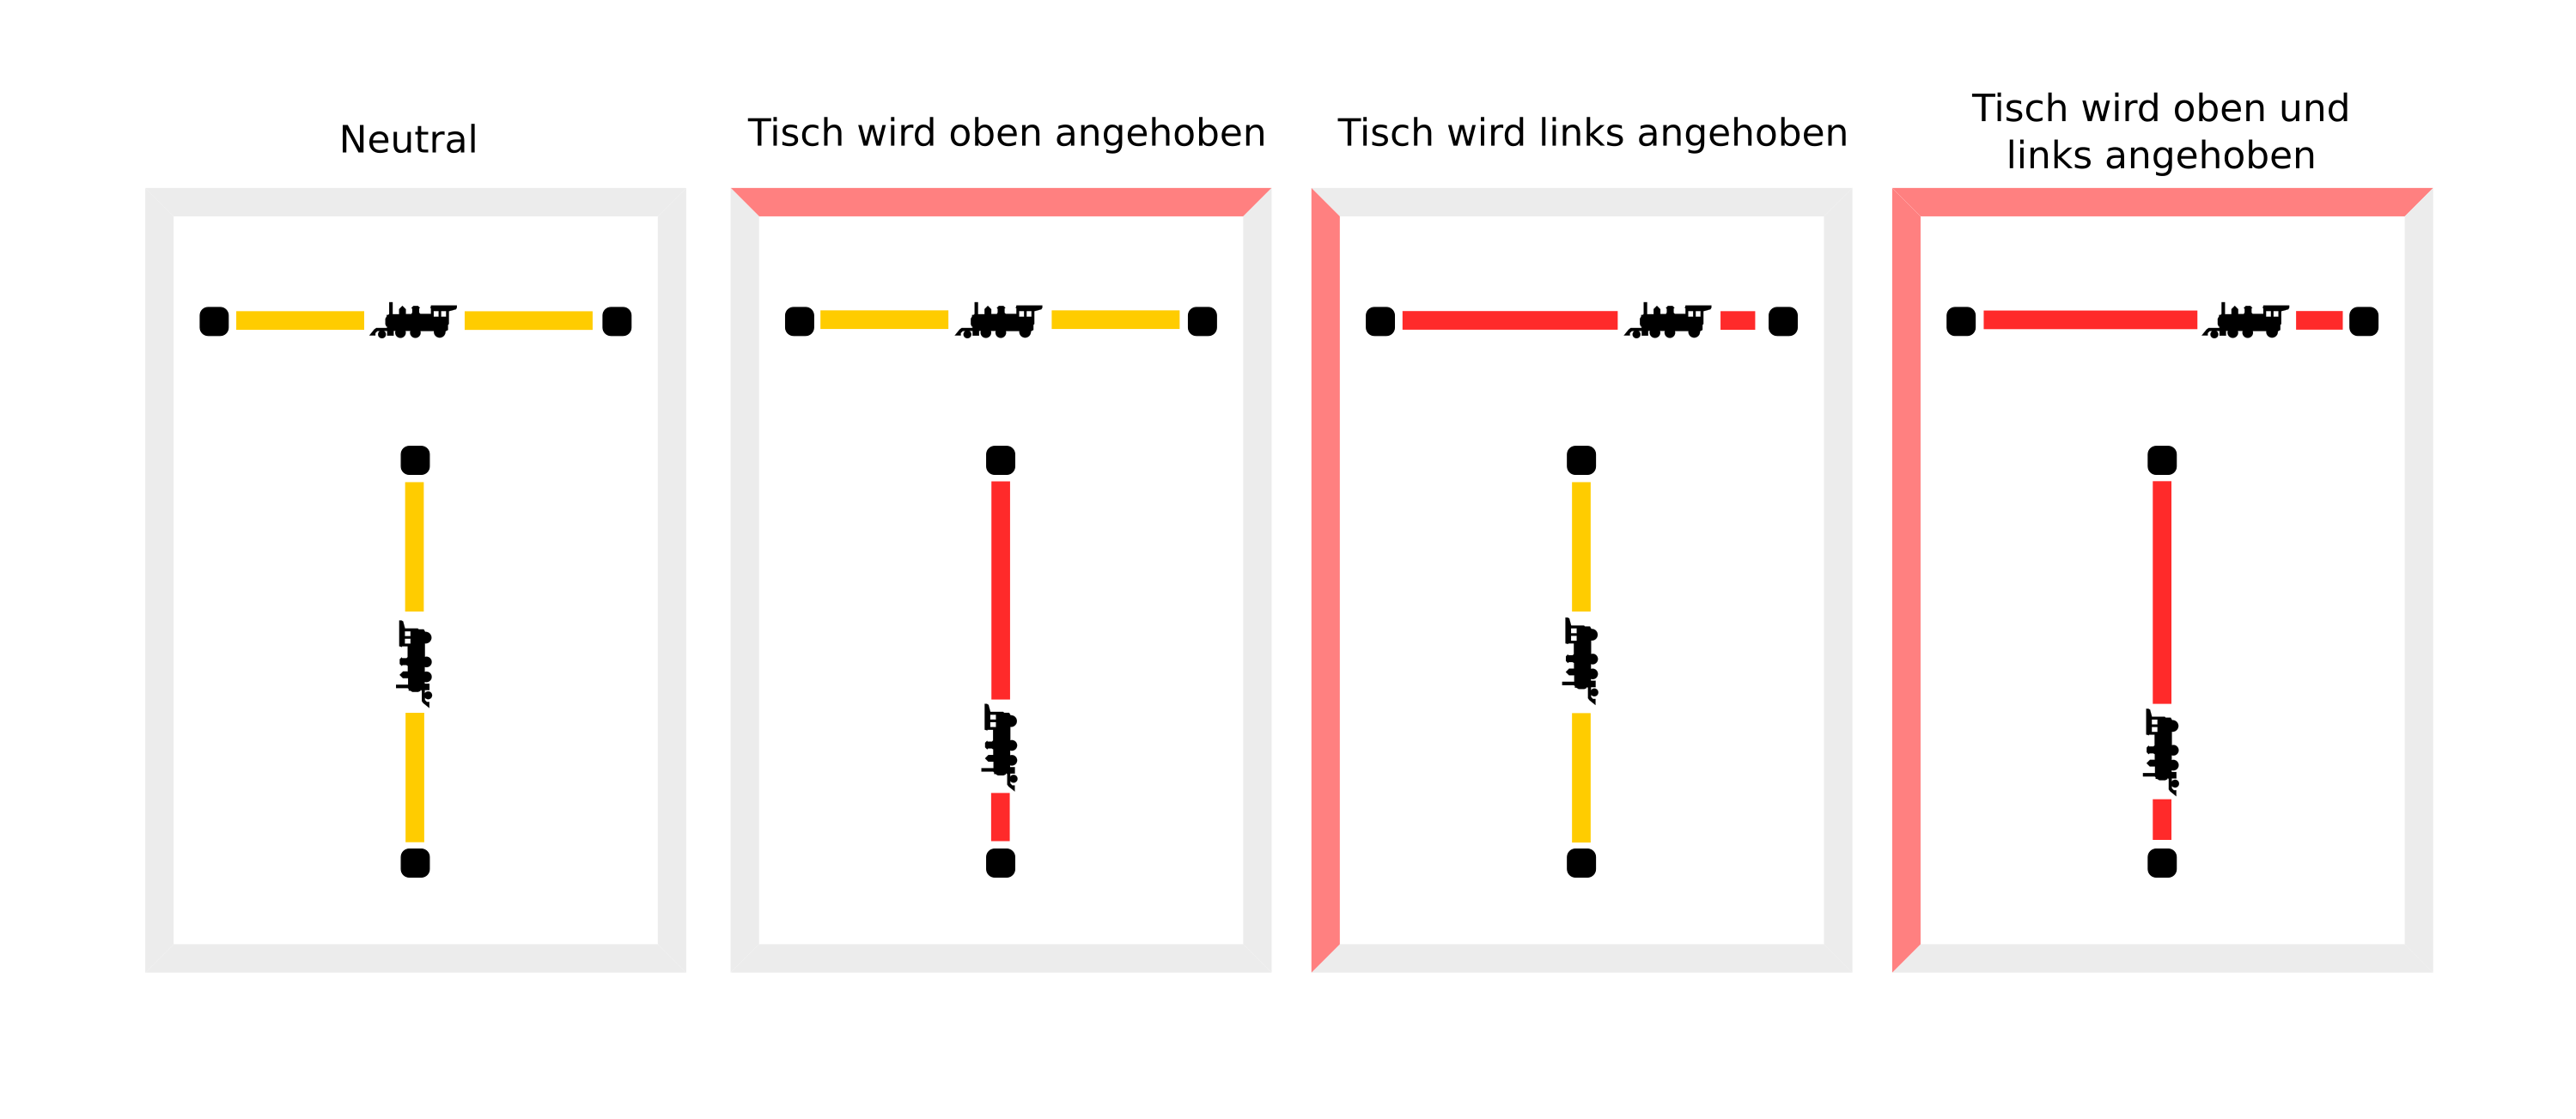 Bewegungssensor auswerten: Mit Wackeln programmieren lernen - (Bild: Thomas Ell)